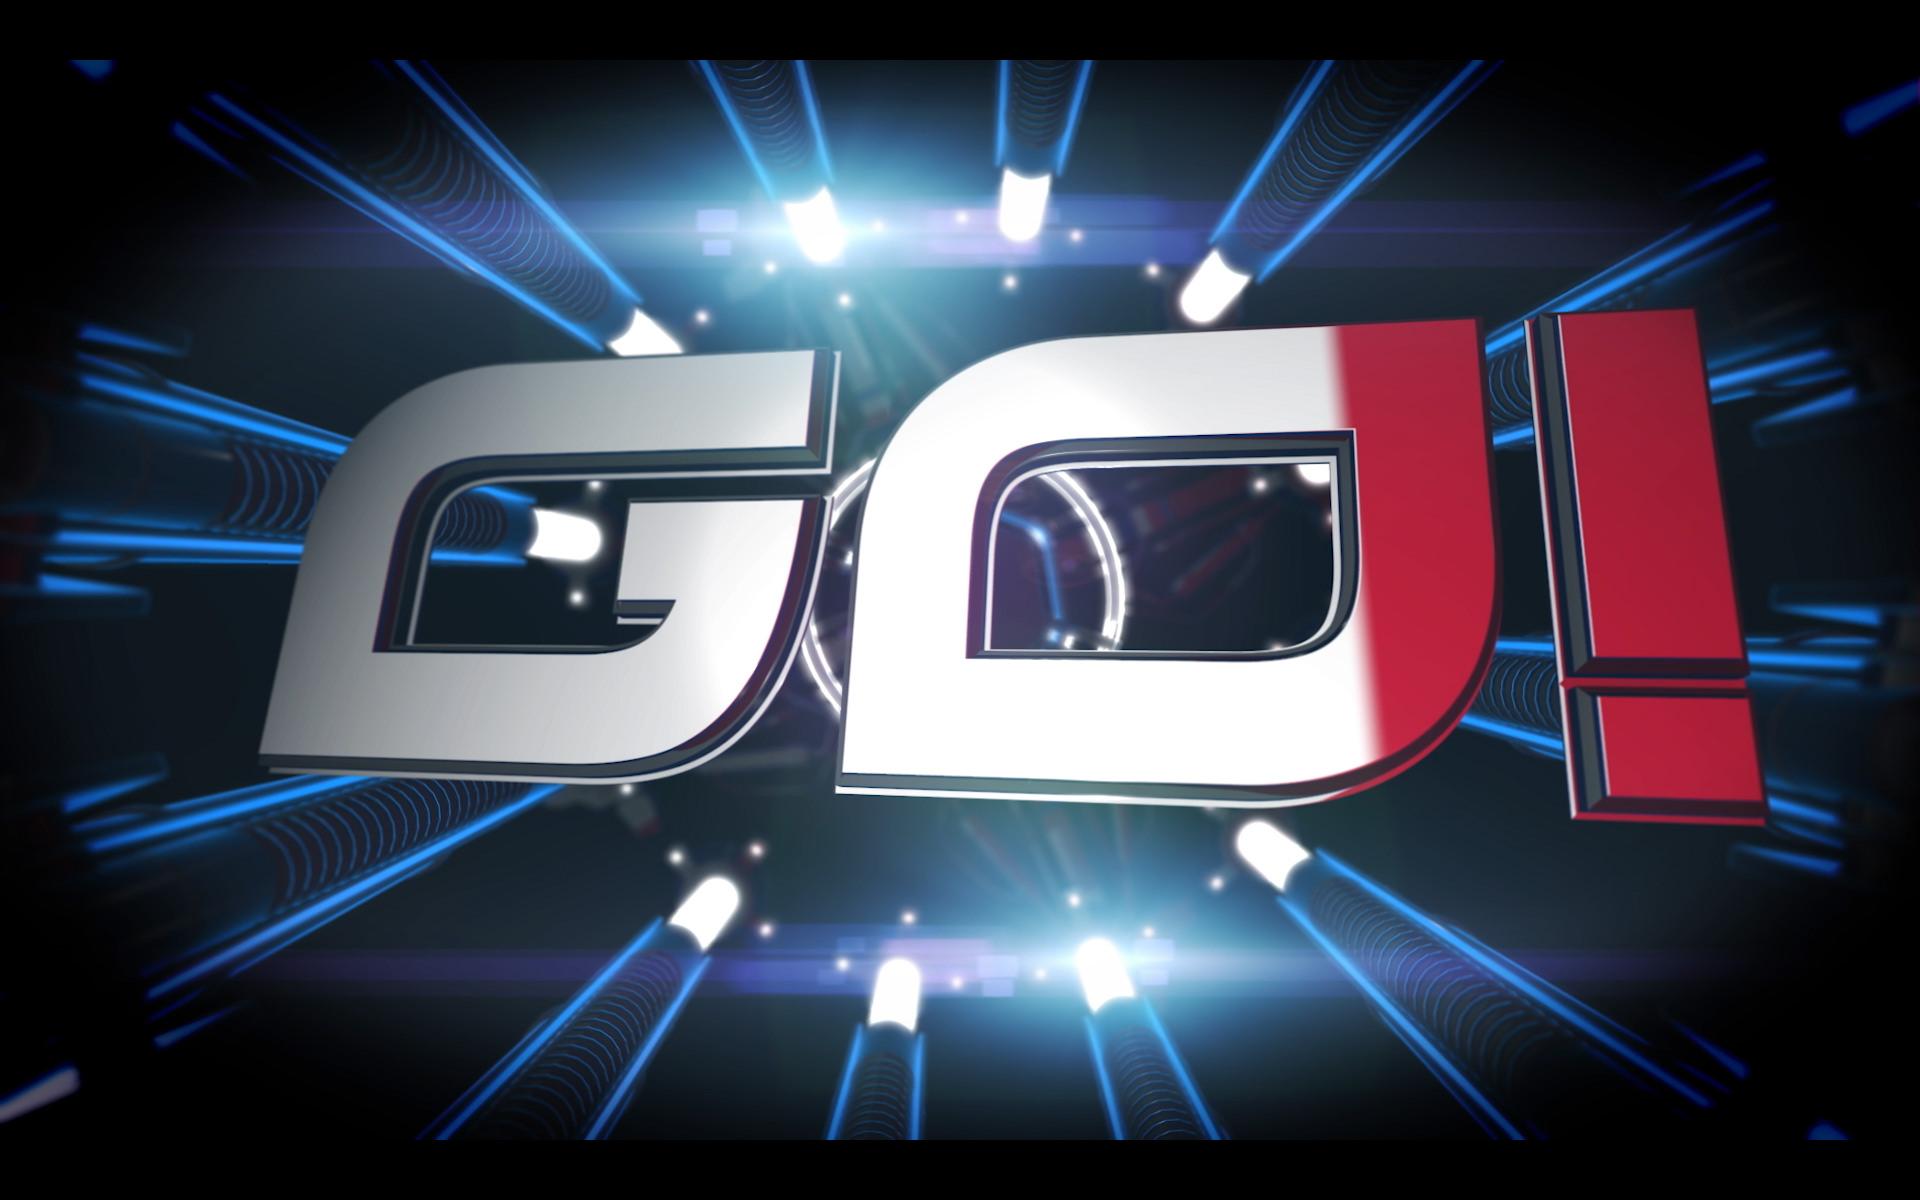 LH_Logo Reveal A_LogoWall_v03.00_04_14_06.Still009.jpg